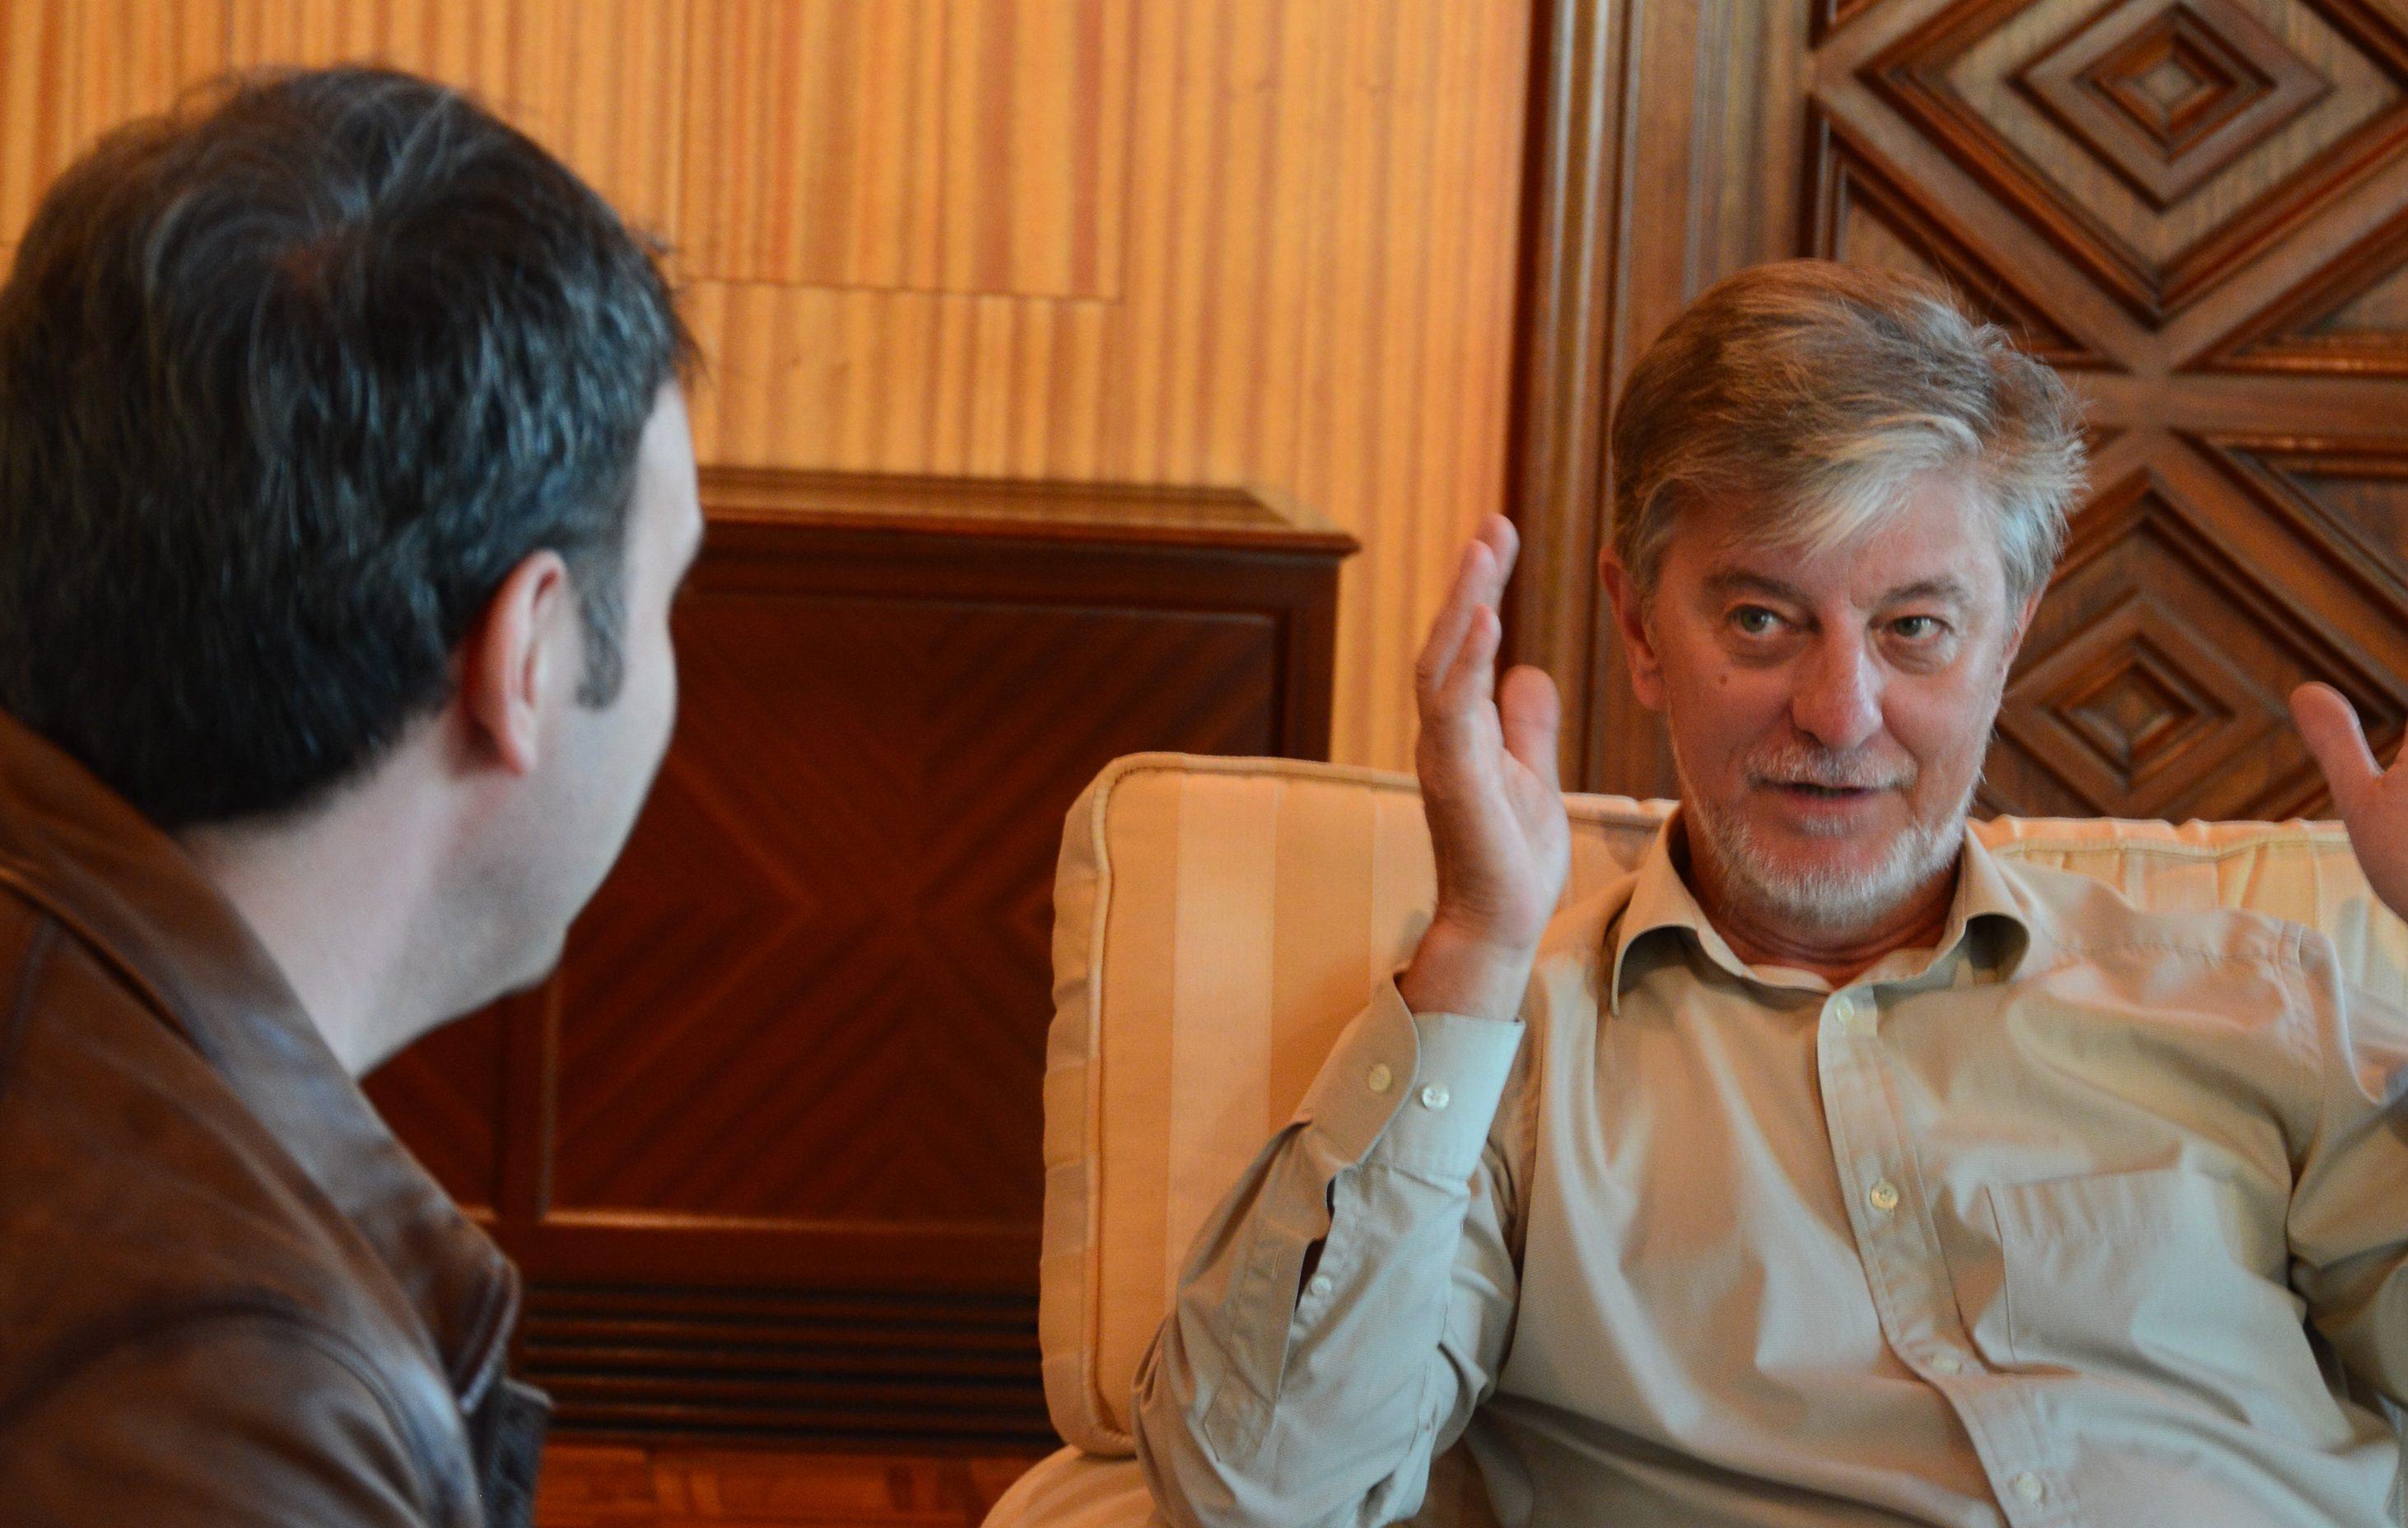 Un momento durante la entrevista